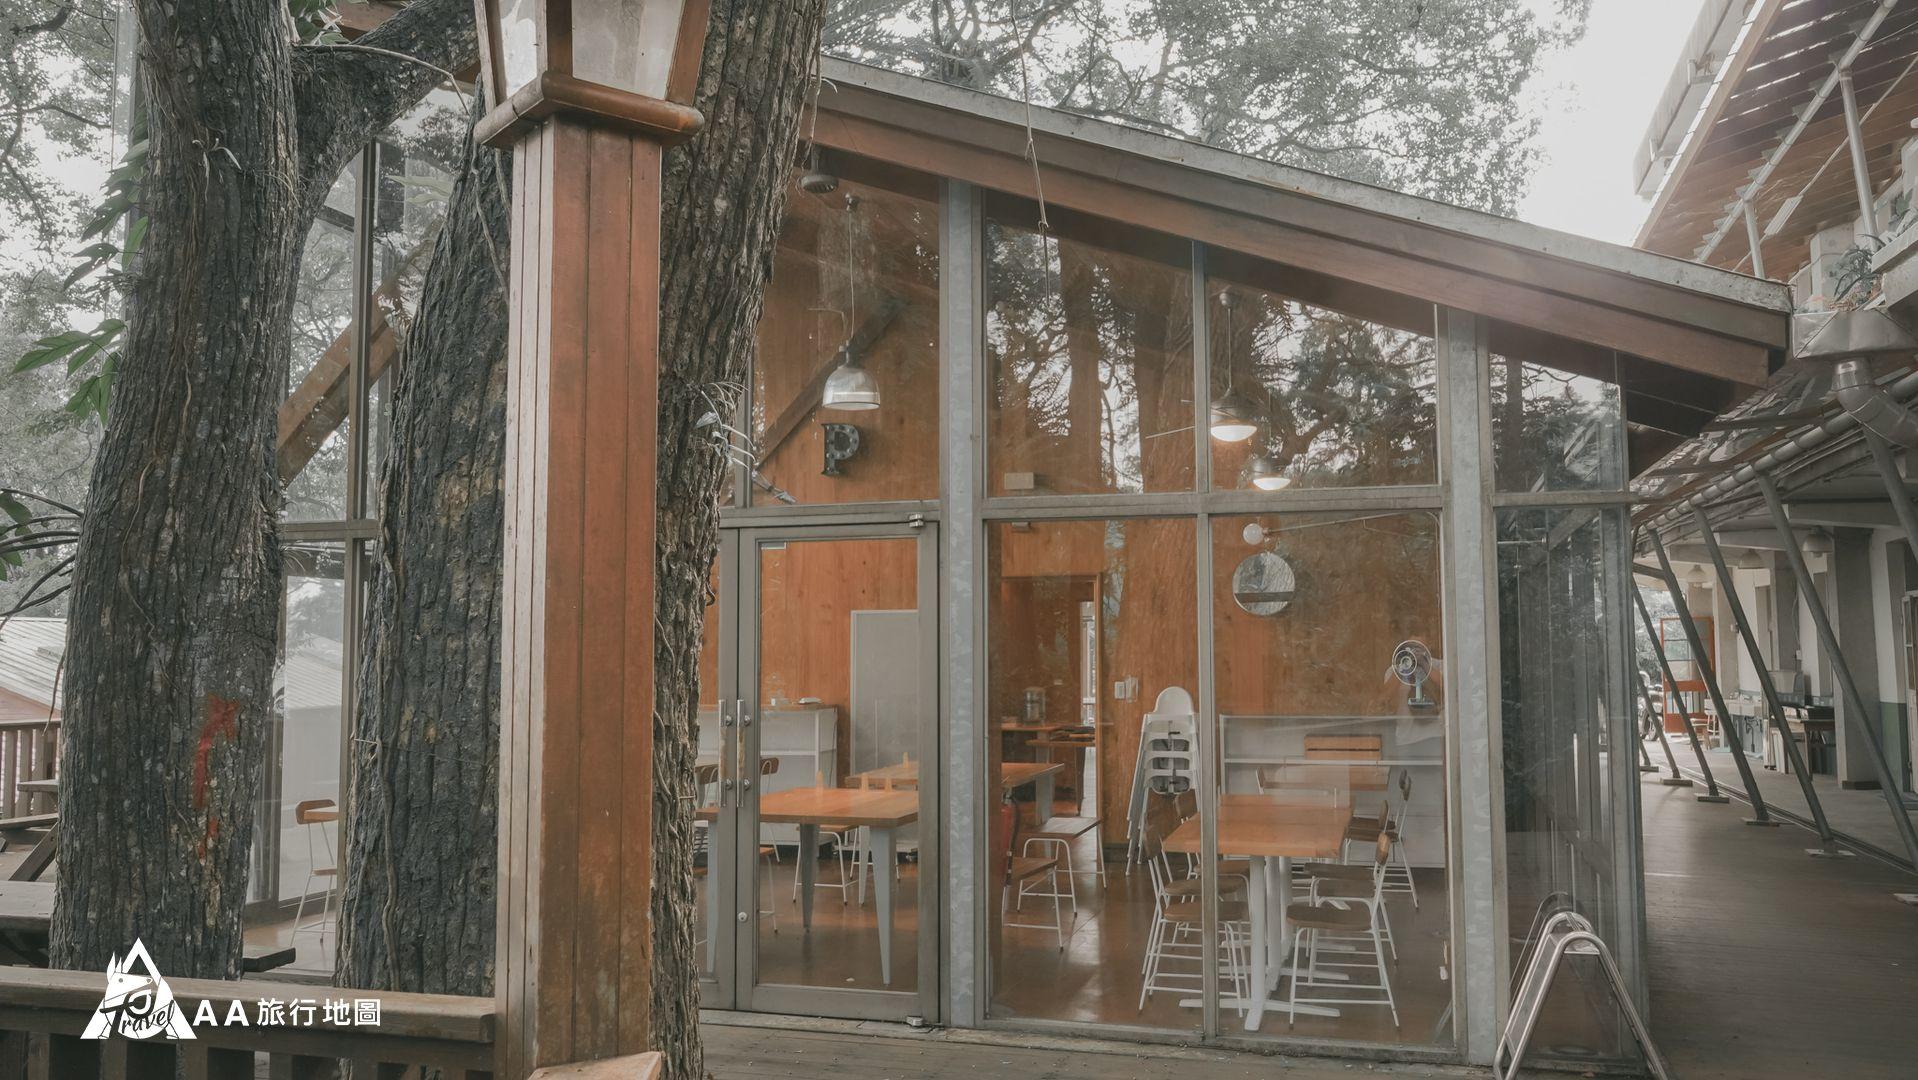 鳳凰亭序 餐廳外面拍起來也有一種到了國外的感覺